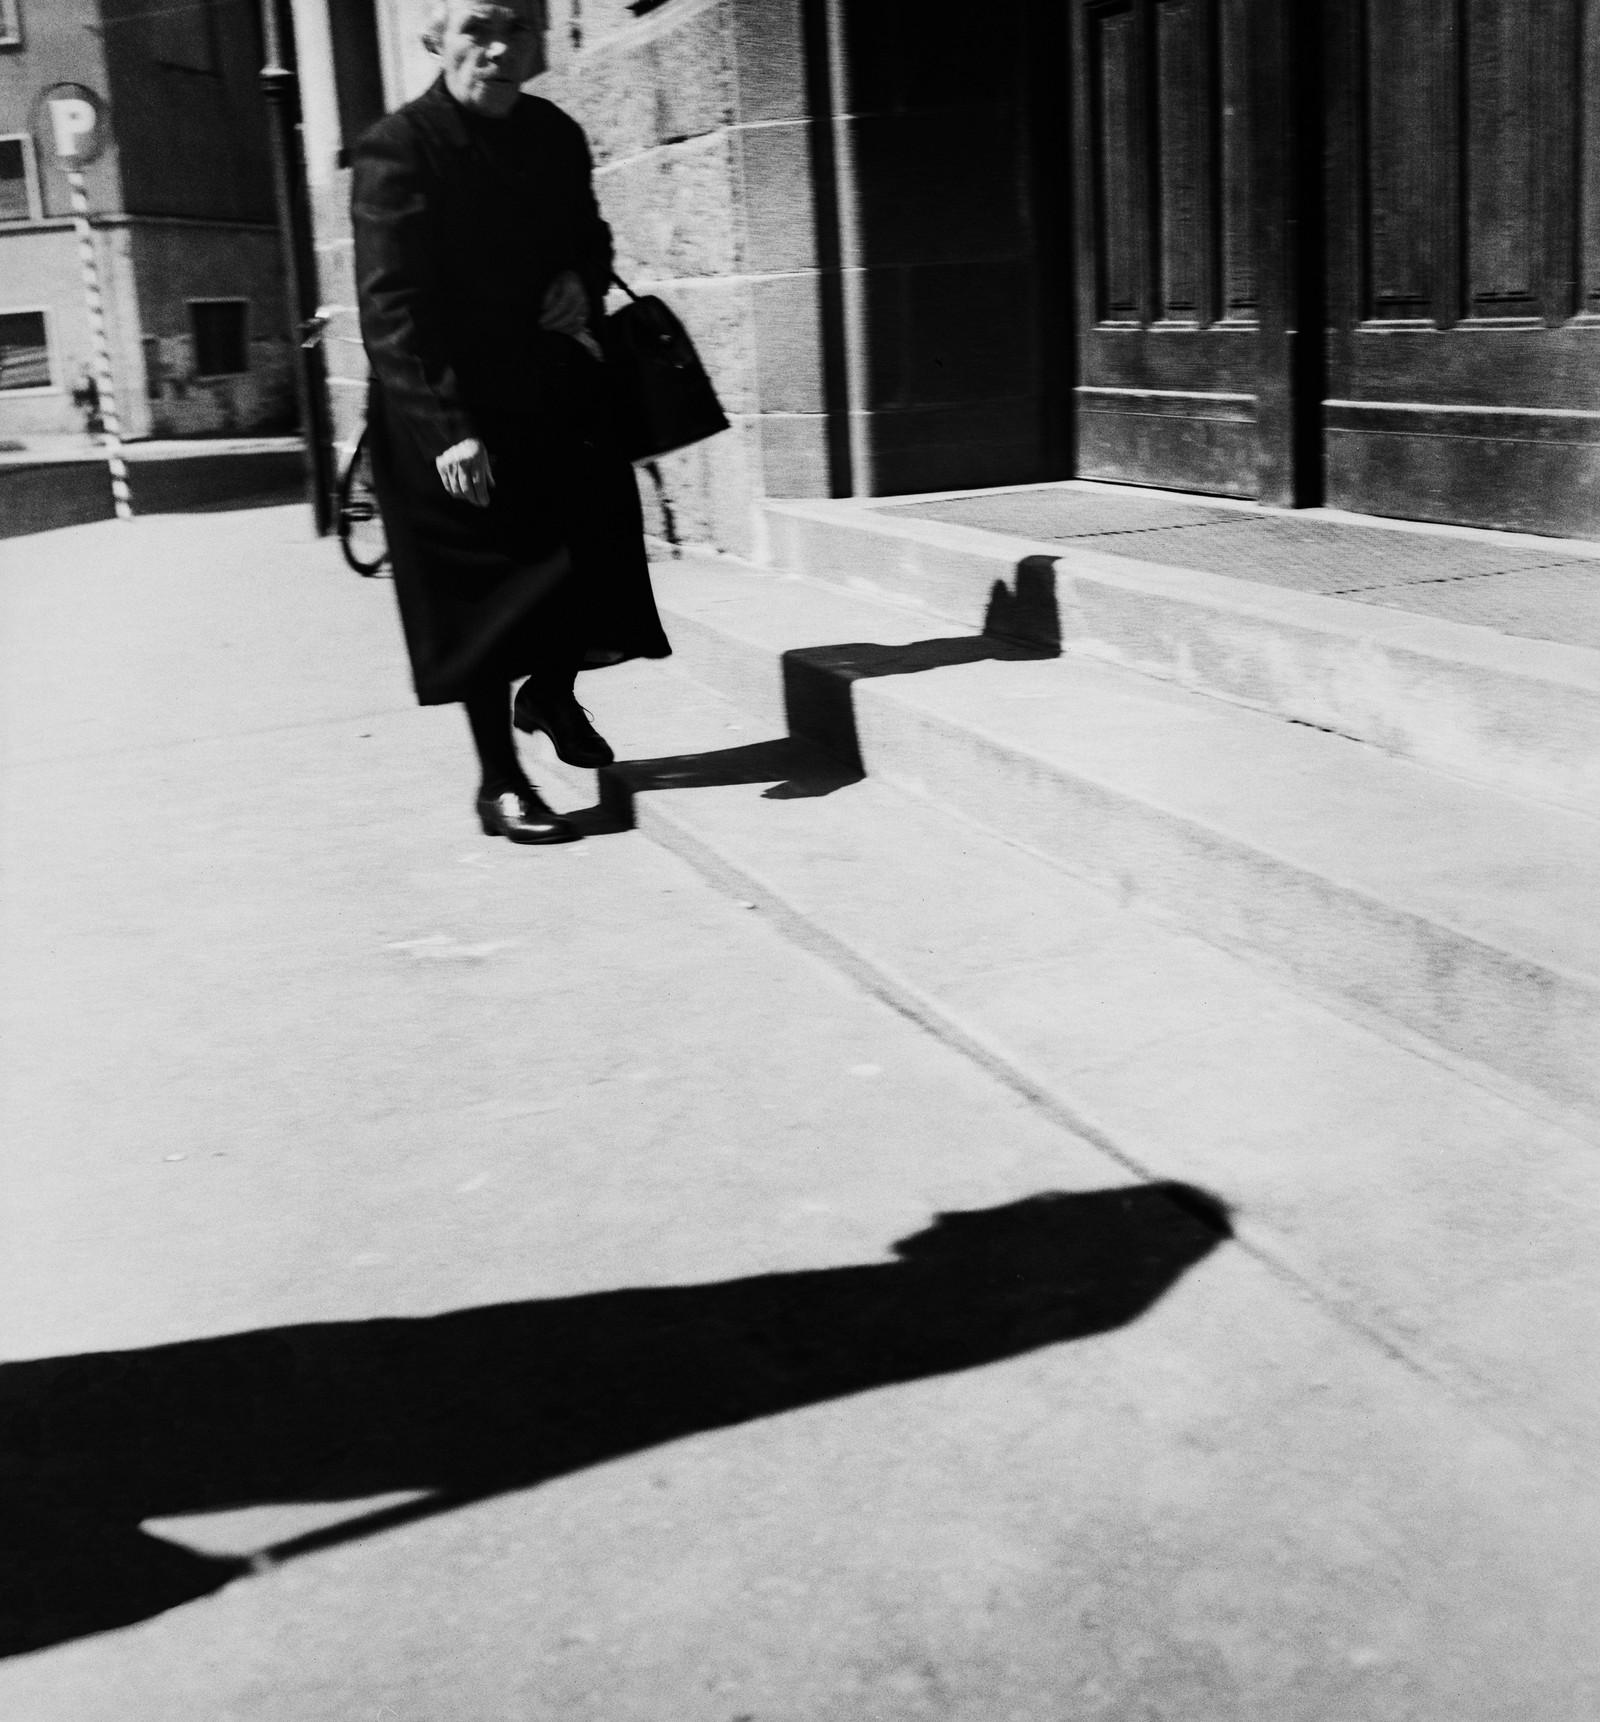 Sterke kontraster, lys og skygge, er viktige elementer i Kivijärvis bilder. Også på dette bildet fra Bolzano i Italia, våren 1958. Kivijärvi var på dette tidspunktet 19 år gammel.